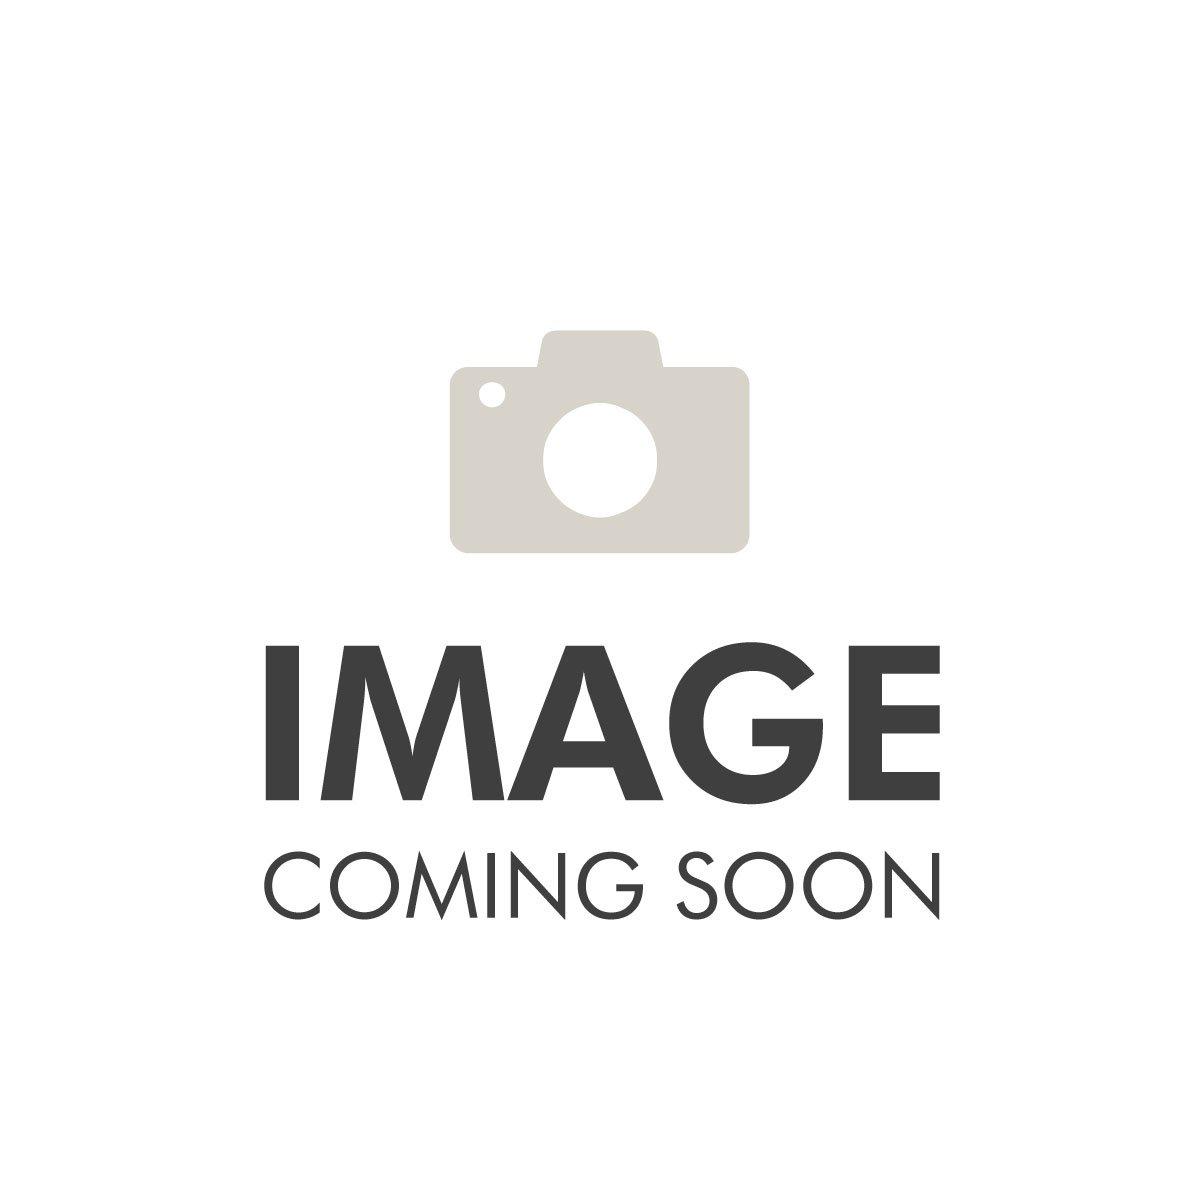 PBT - Foil Lamé - Women - Previous Model - Standard